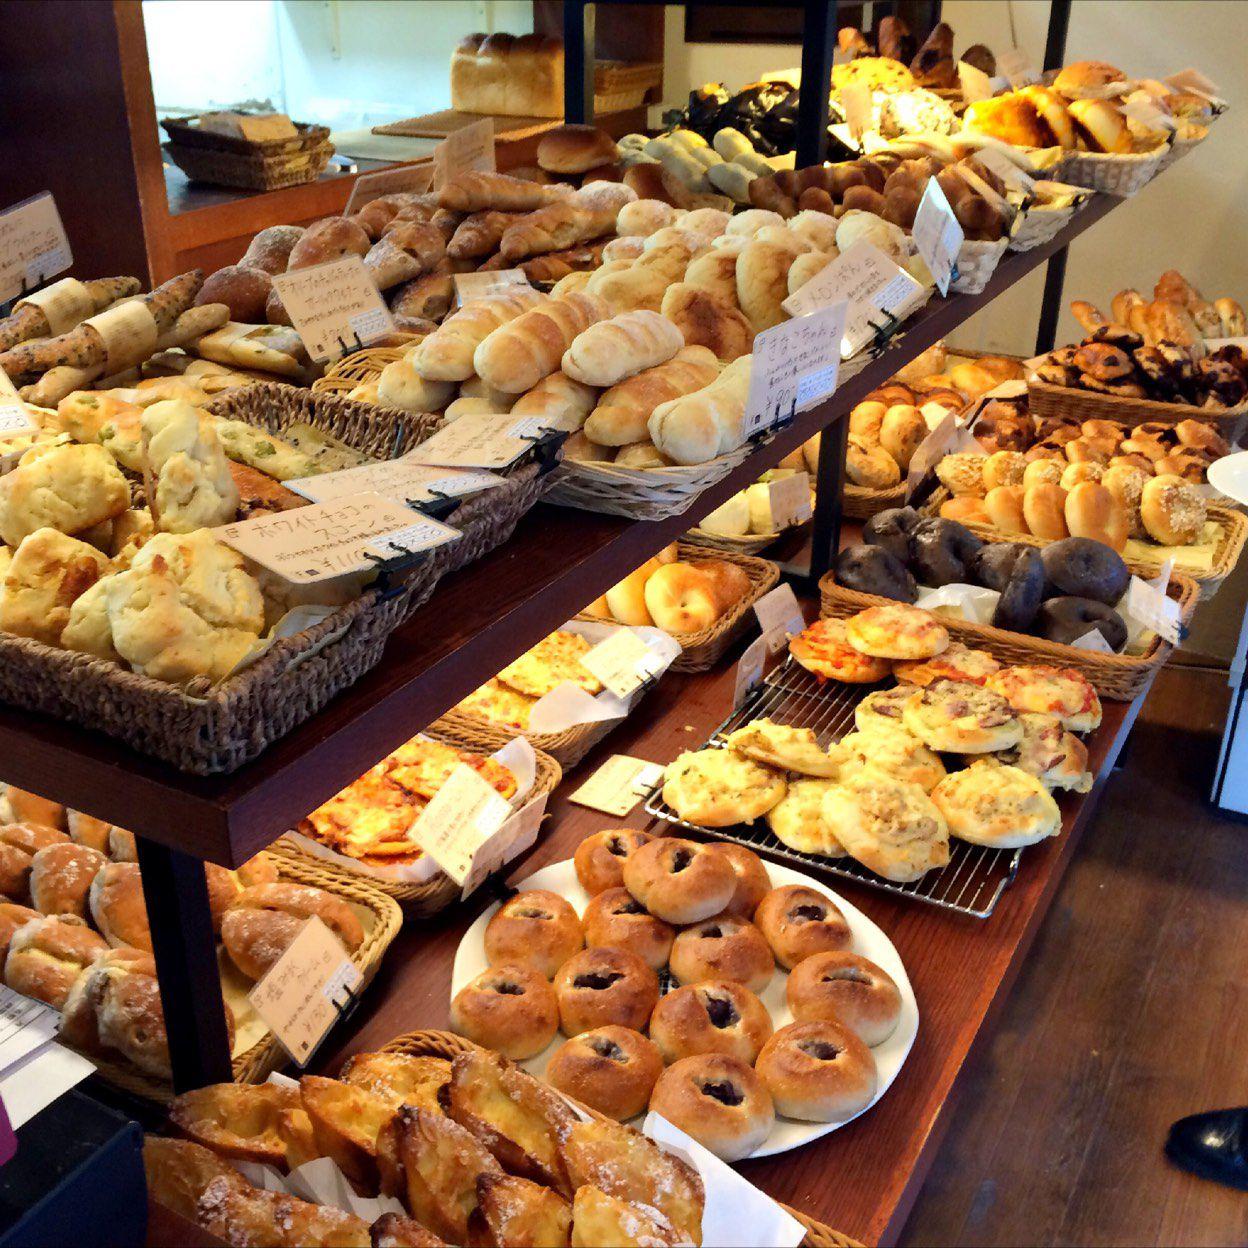 美味しい パン 屋 さん 人気のパン ランキングTOP20 食べログ